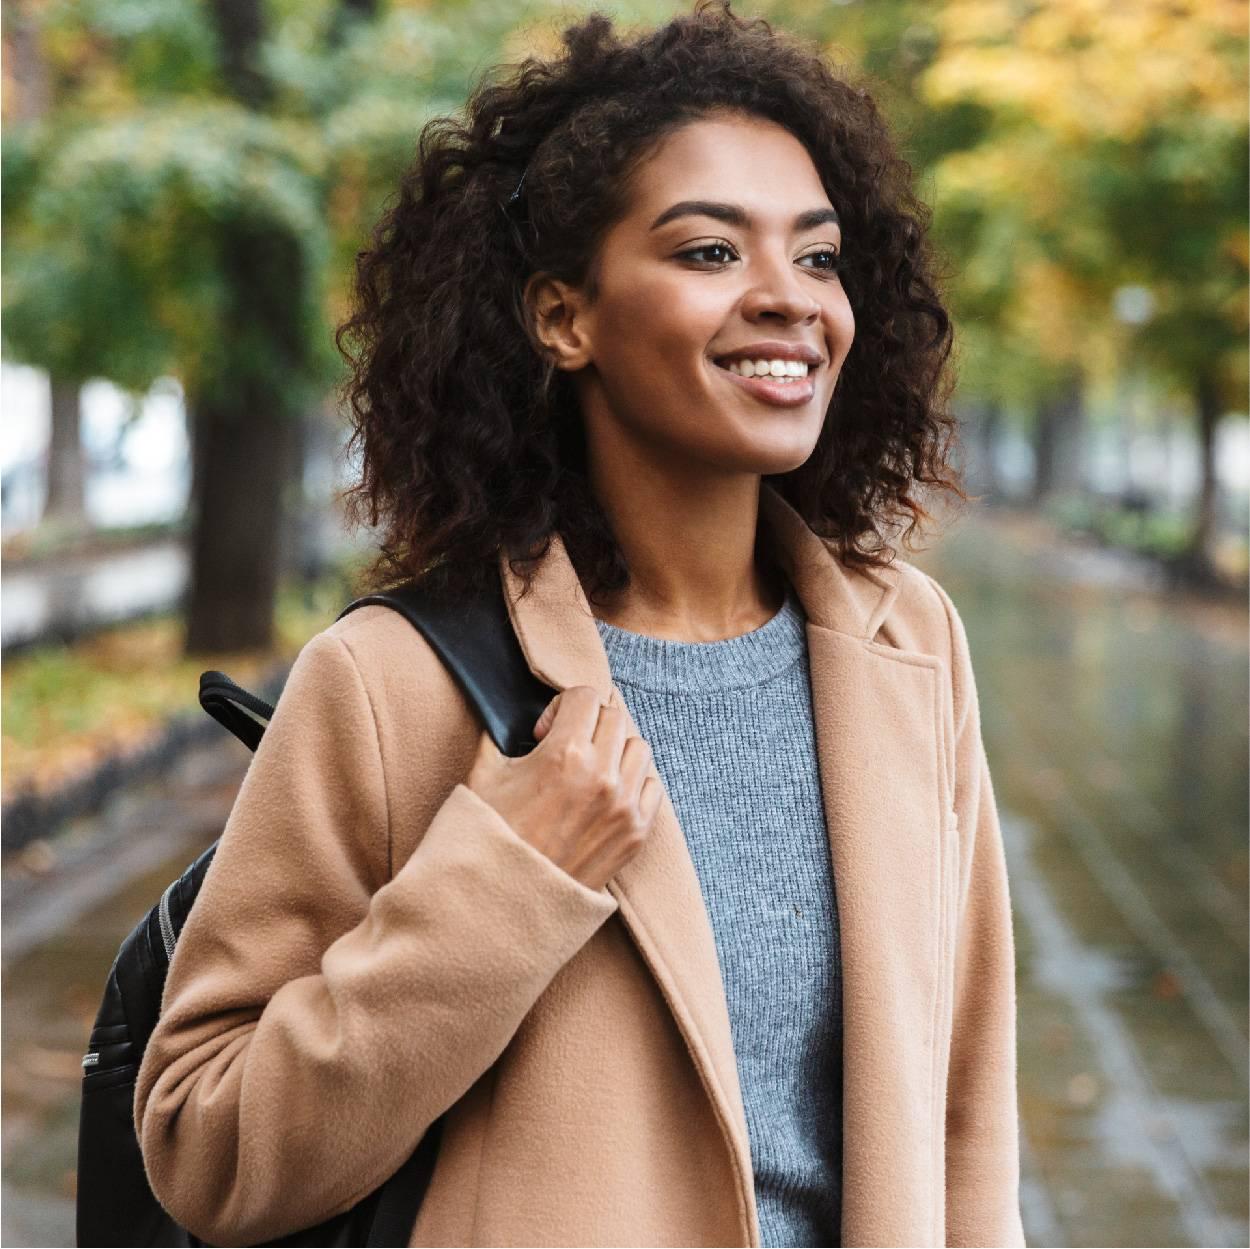 Female wearing coat in woords